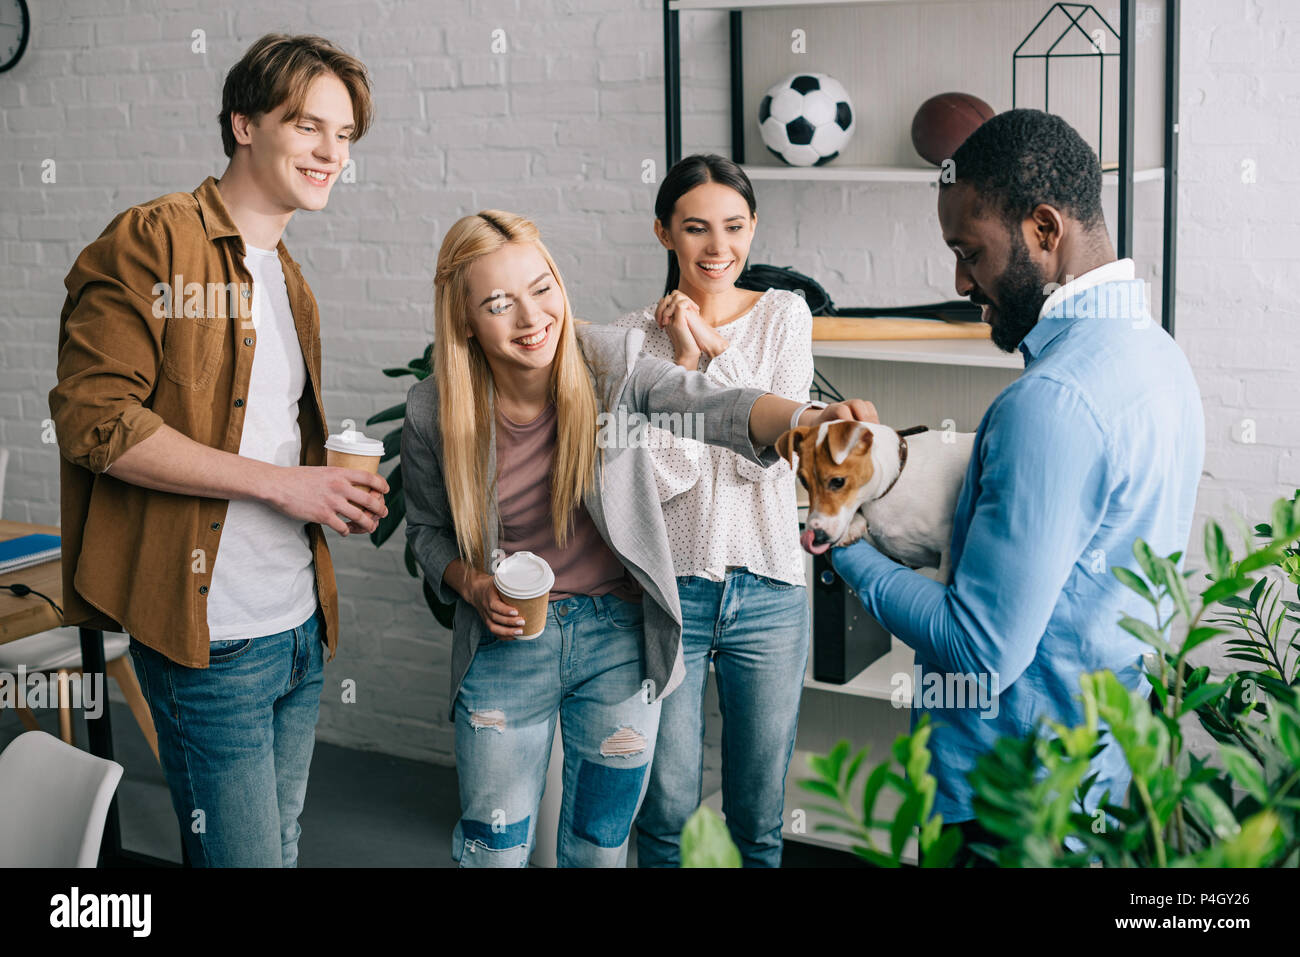 African American businessman holding cane circondato da colleghi sorridente con tazze da caffè Immagini Stock